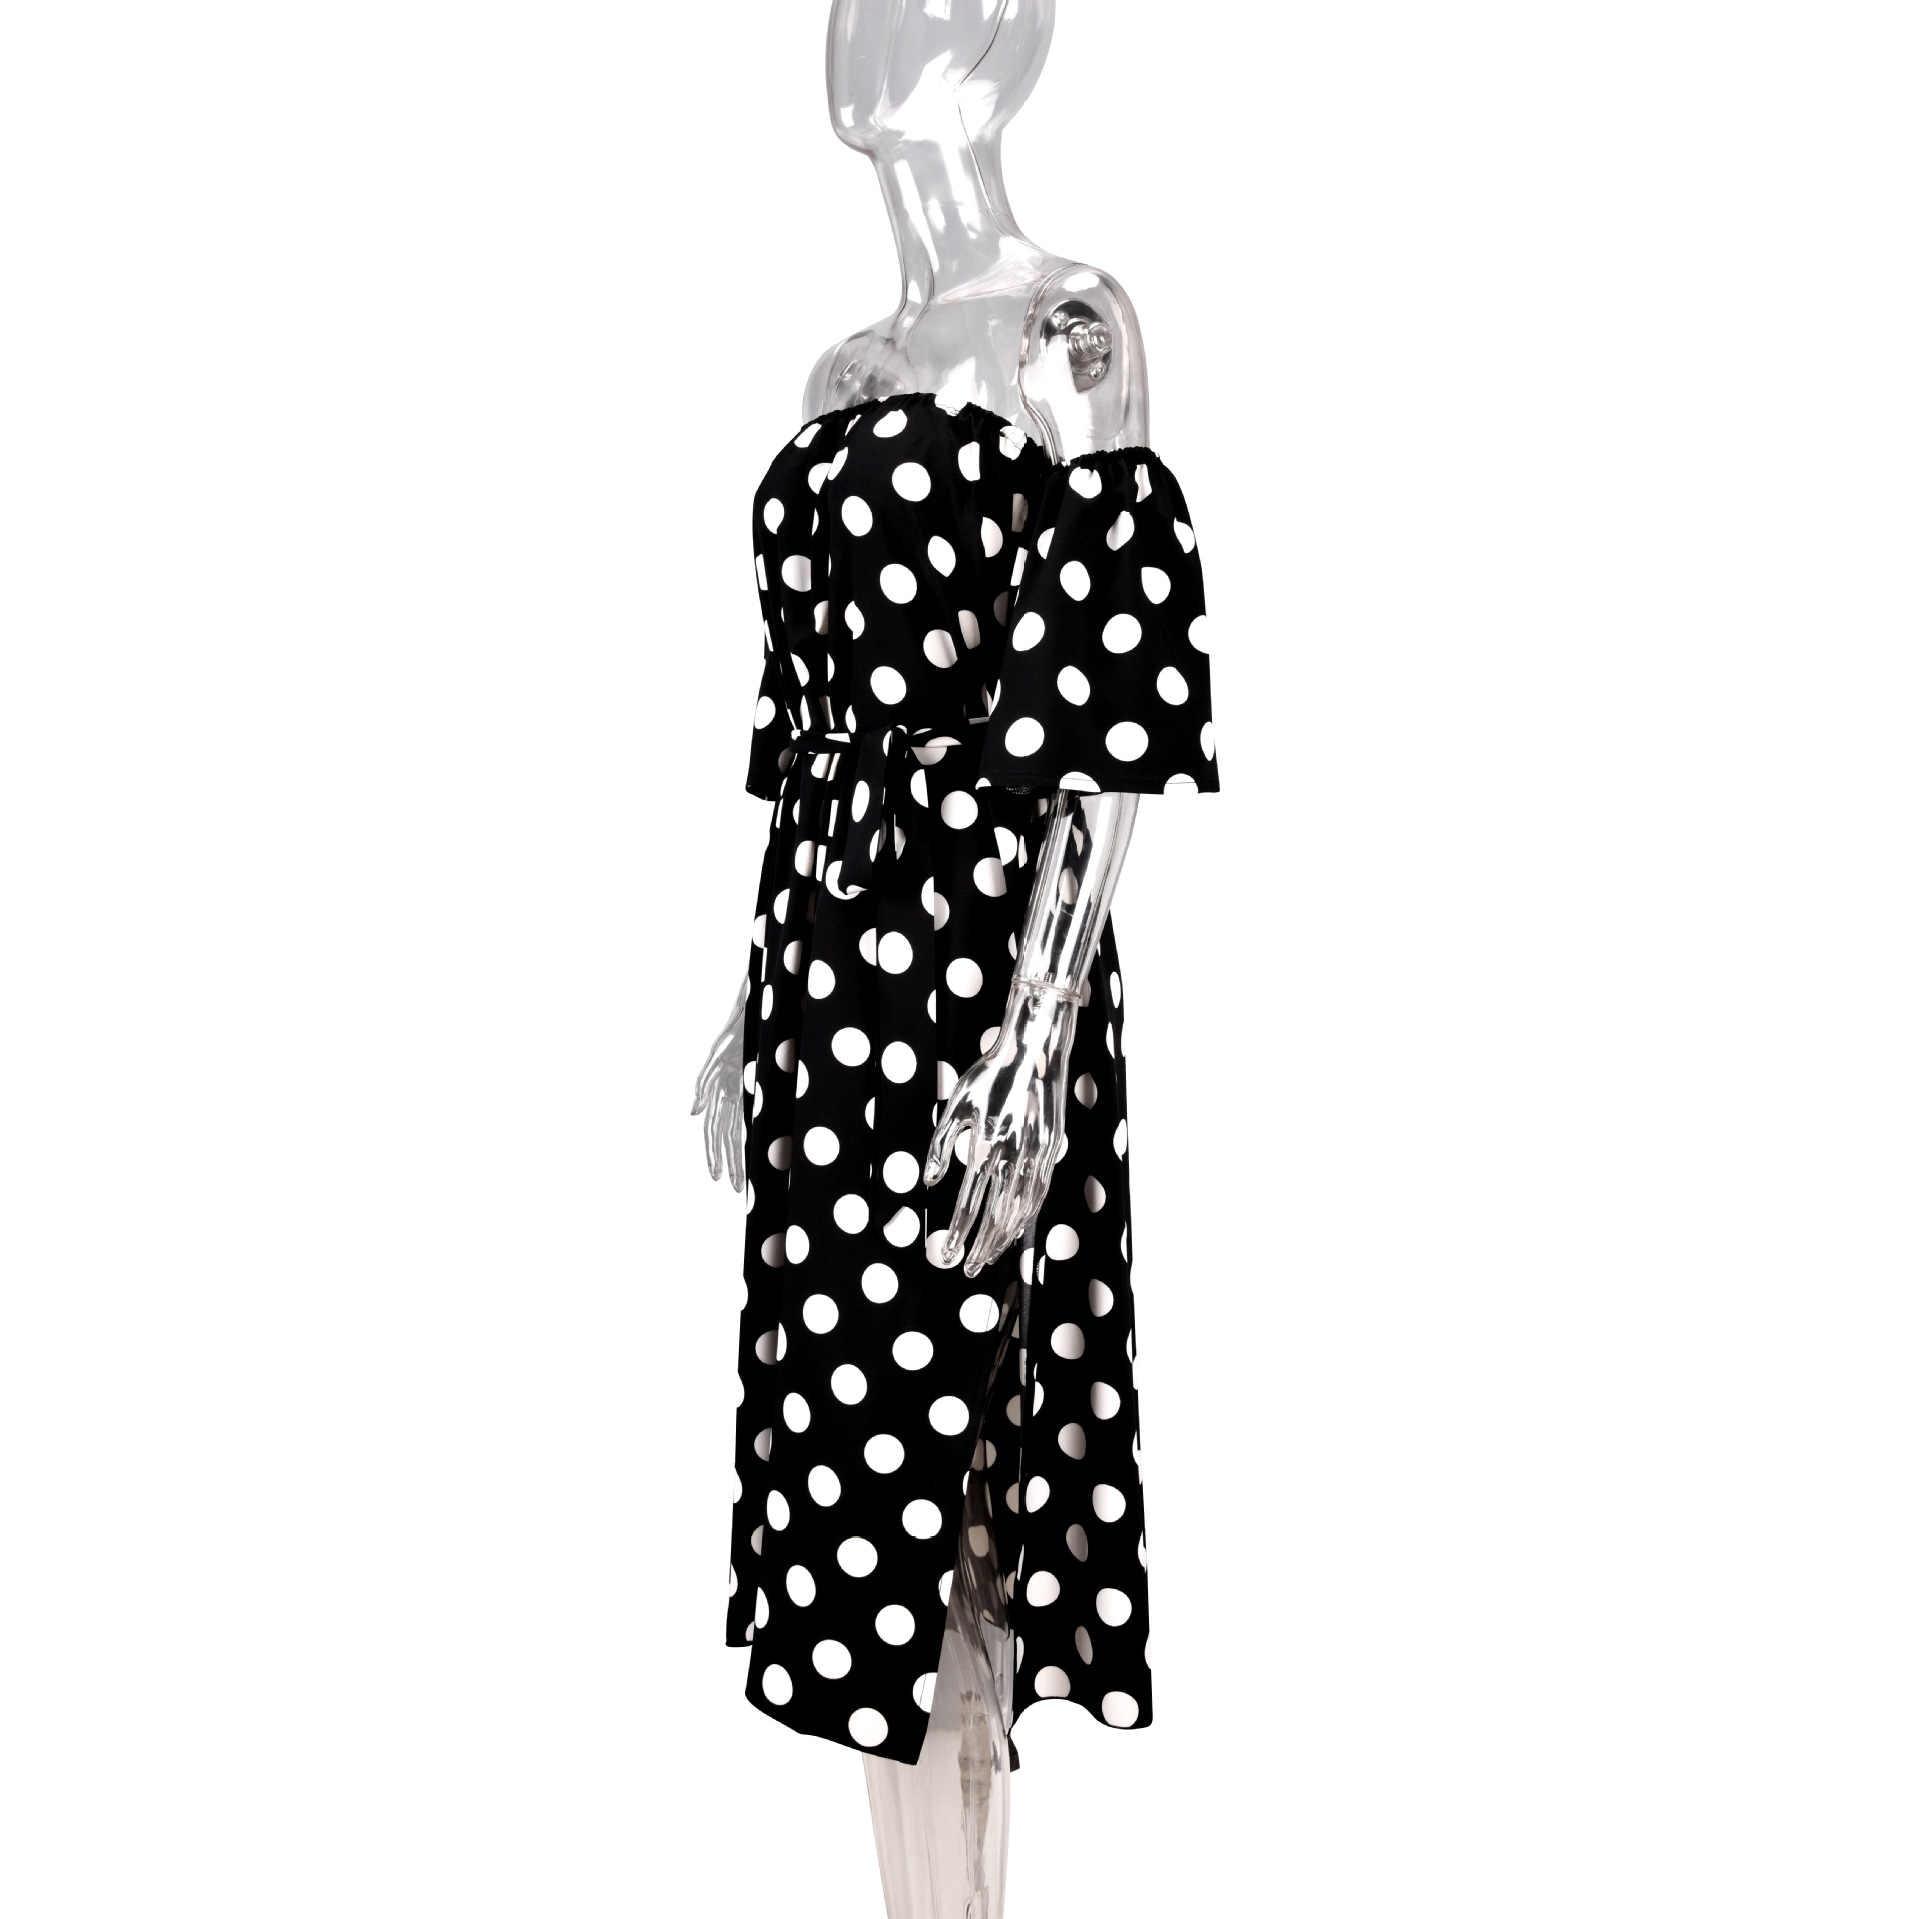 Zaraing stil yaz sıcak satış slash boyun straplez dot şifon elbise plaj tatil uzun elbise kapalı tek omuzlu elbise kadınlar 2020